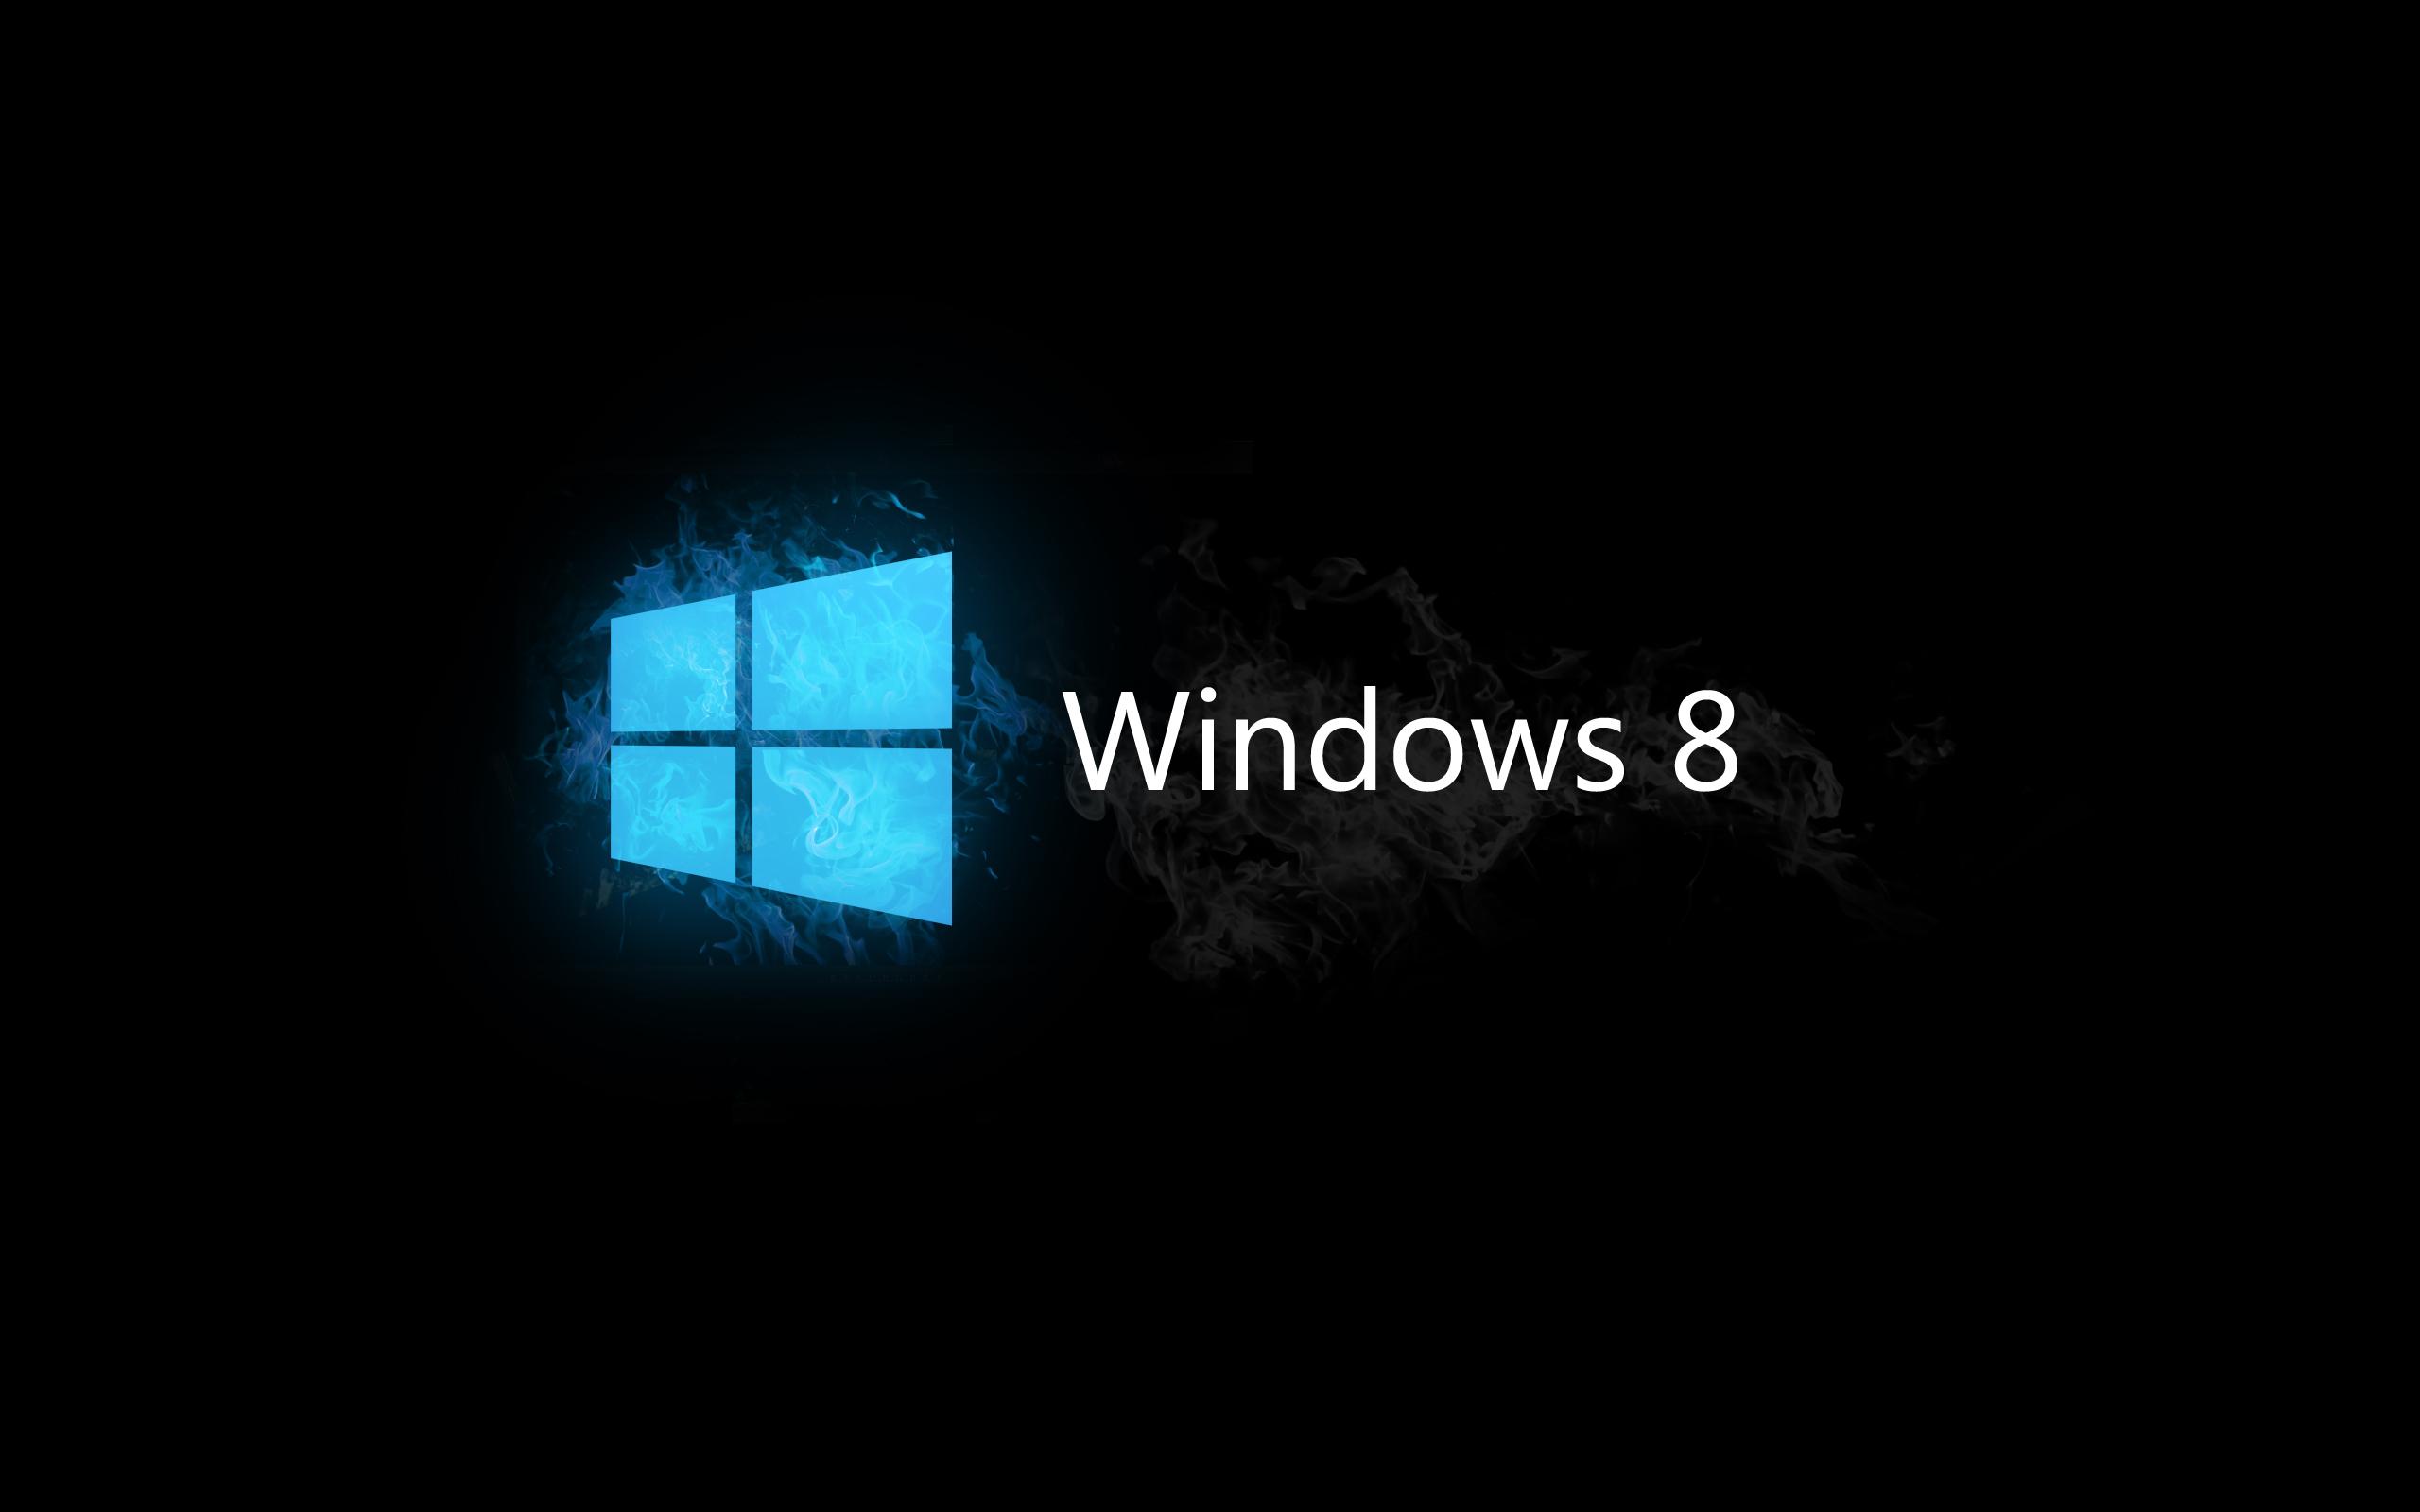 Desktop Windows 8 wallpaper is a hi res Wallpaper for pc desktops 2560x1600